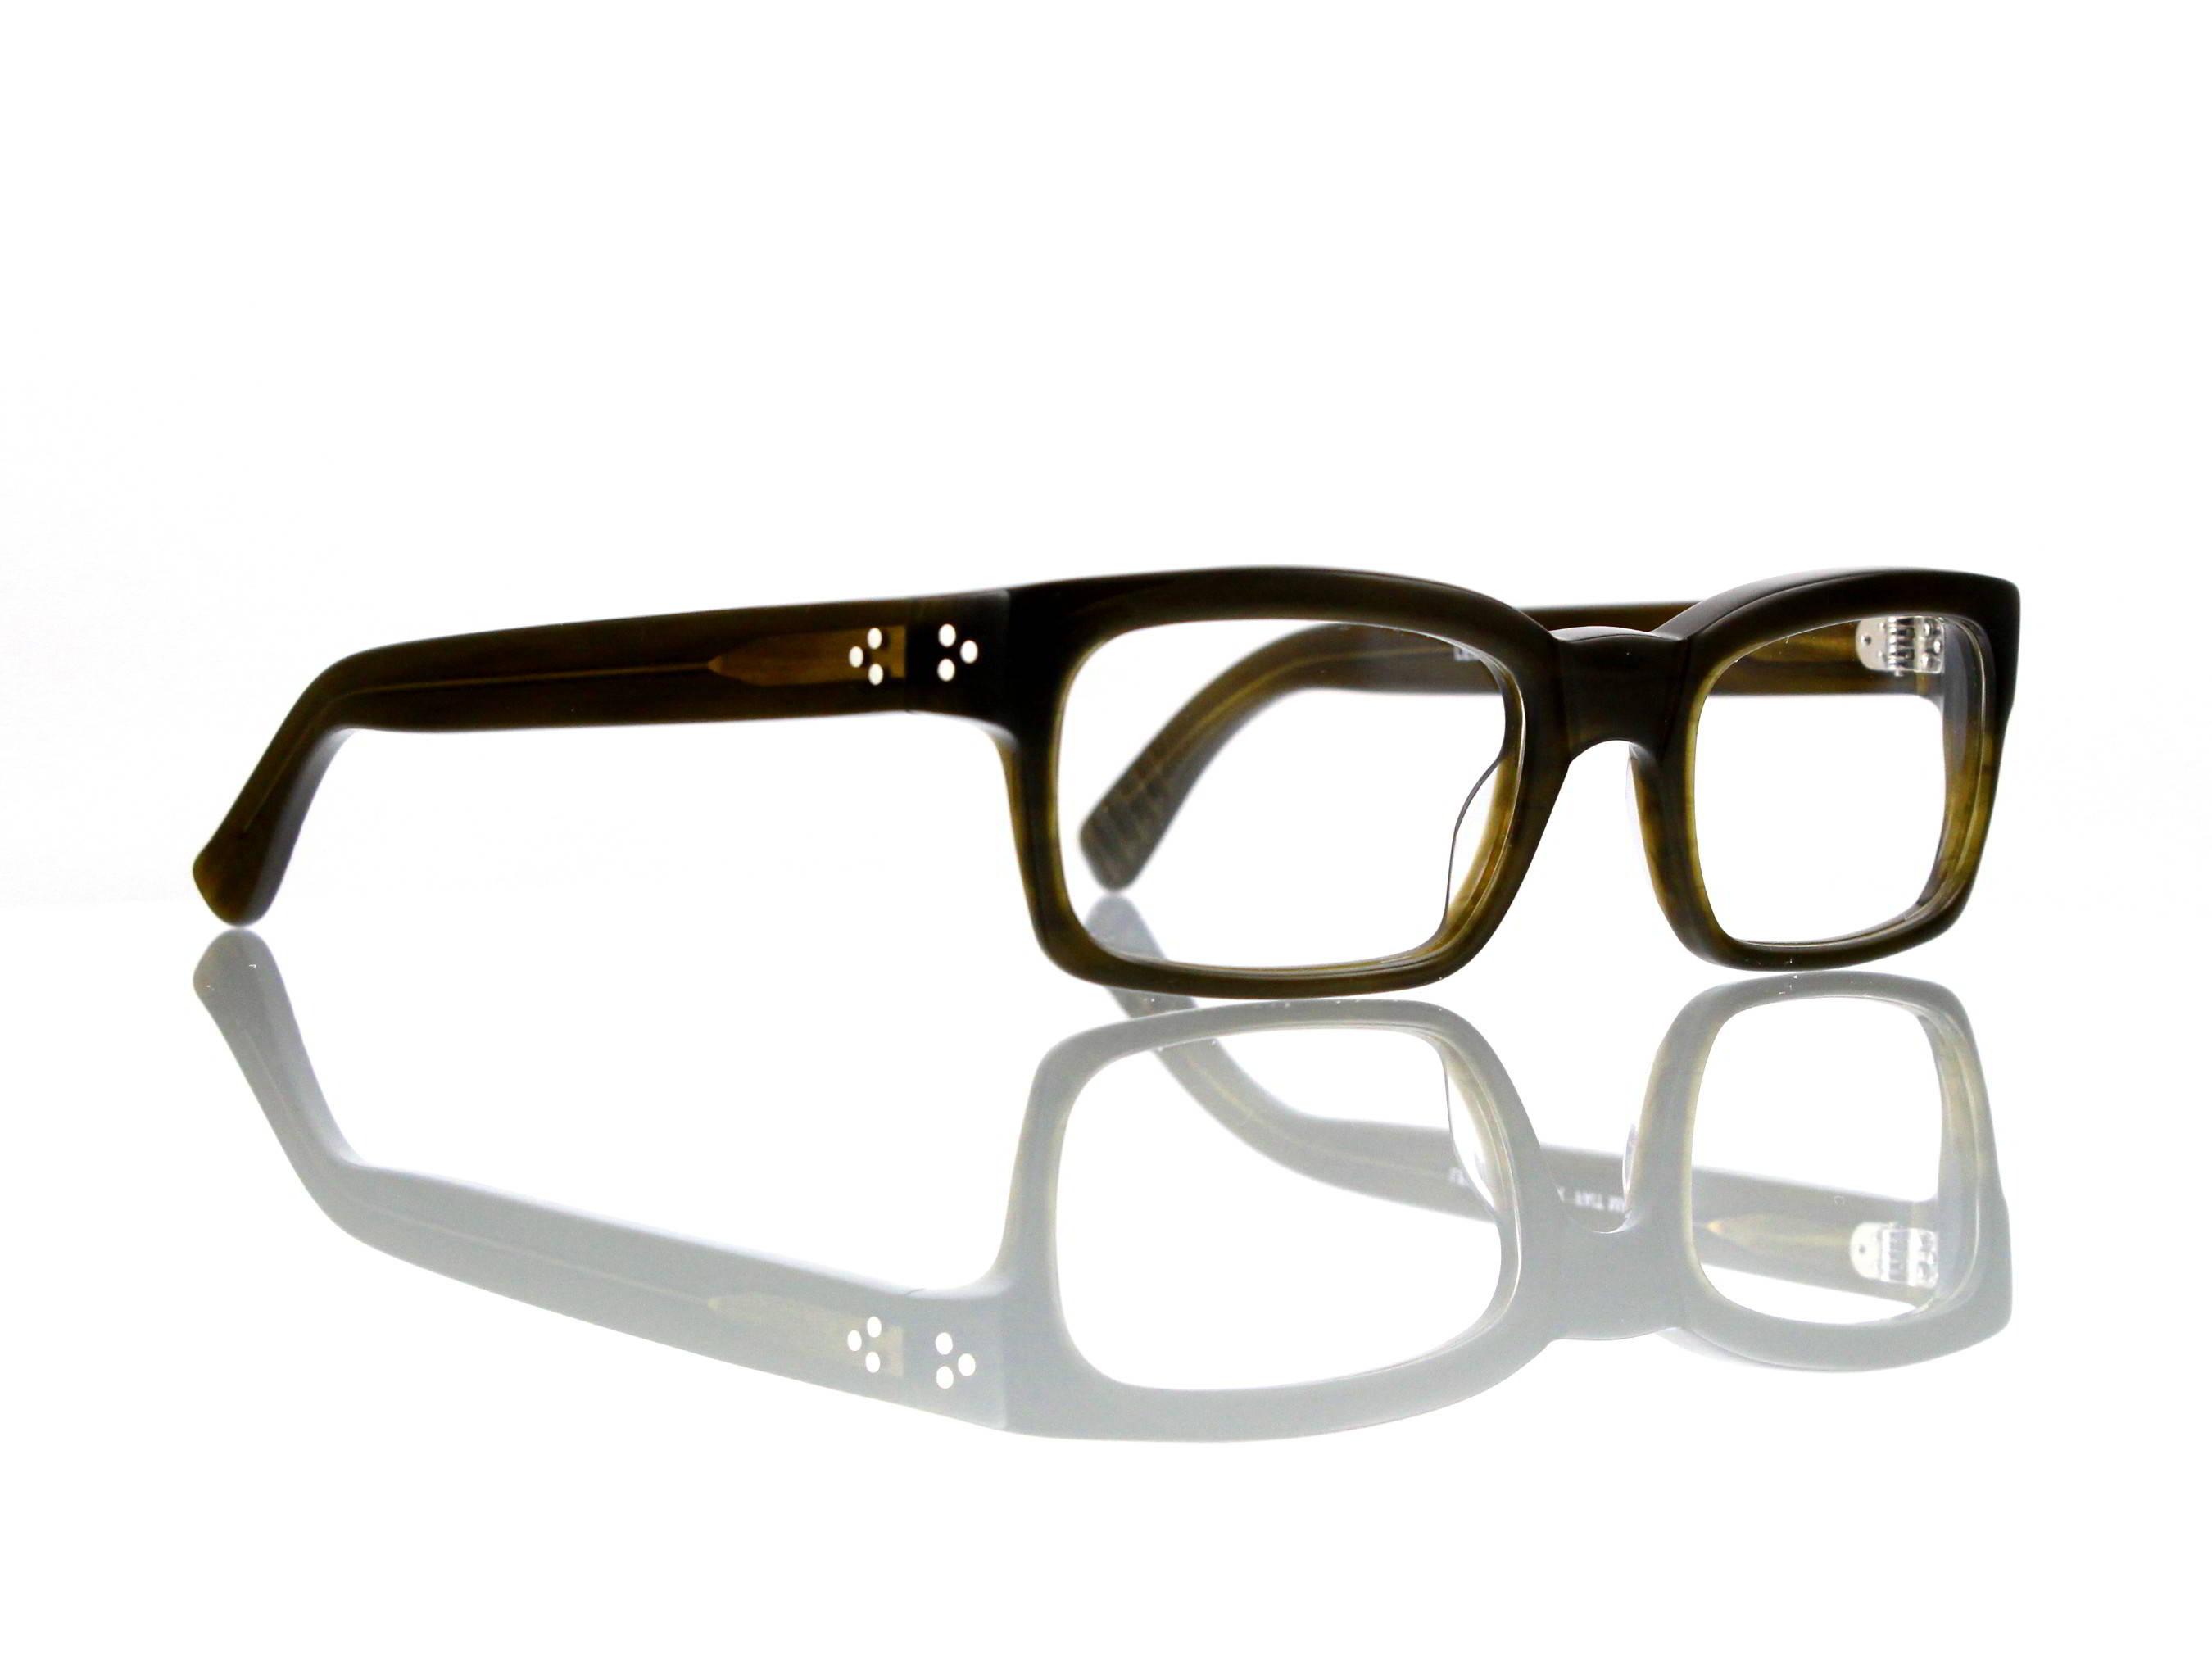 Lesca Lunetier Mod. Bauhaus Col. 7 Größe 51-19 -145mm | Eckig | Form ...